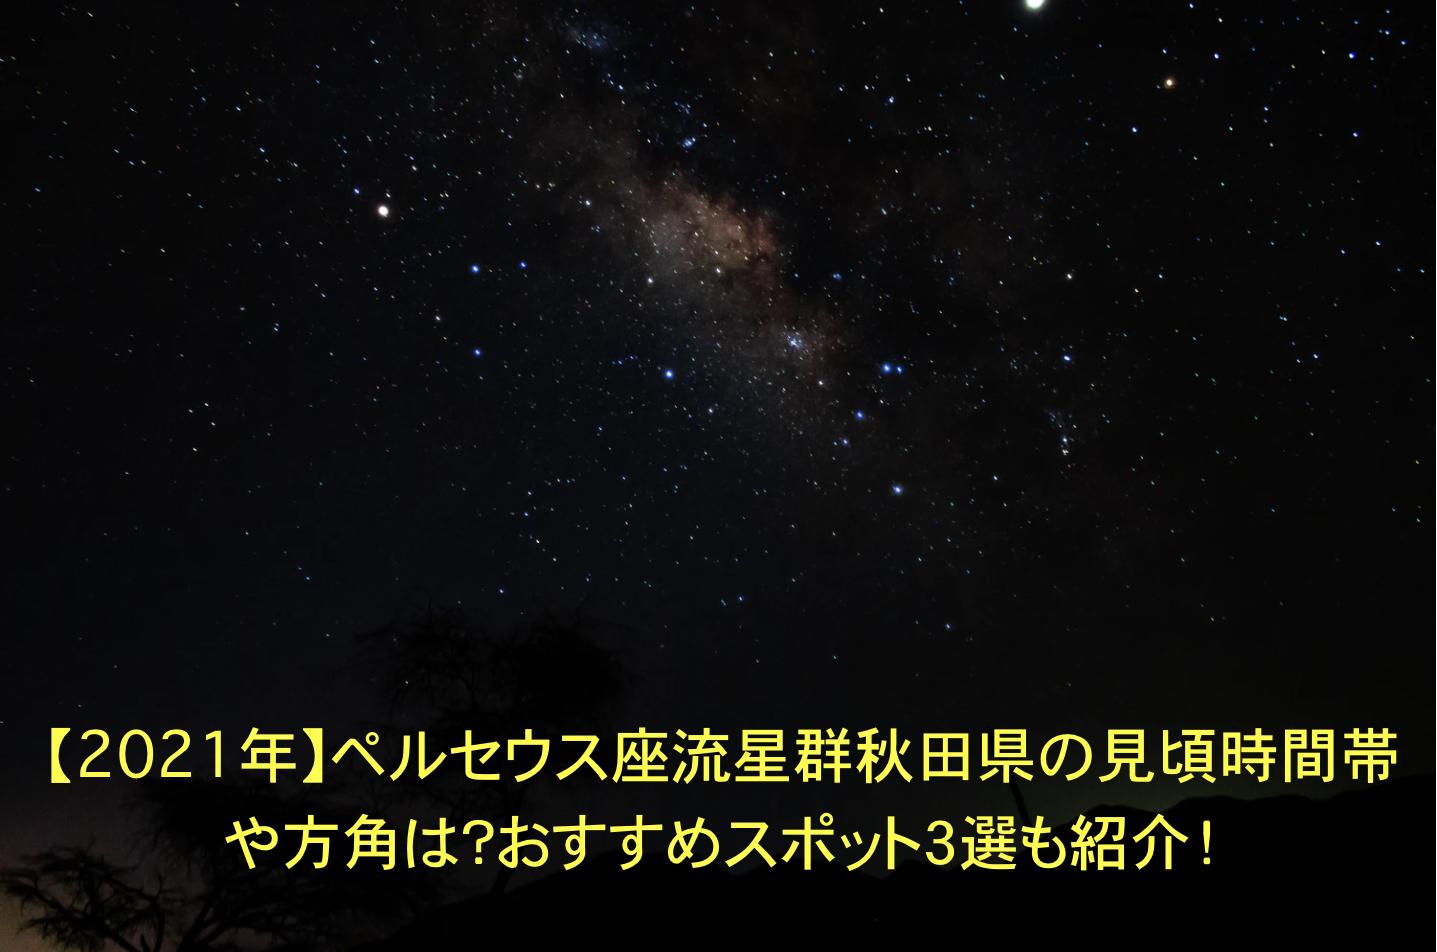 ペルセウス座流星群 秋田 見頃 時間帯 方角 オススメスポット